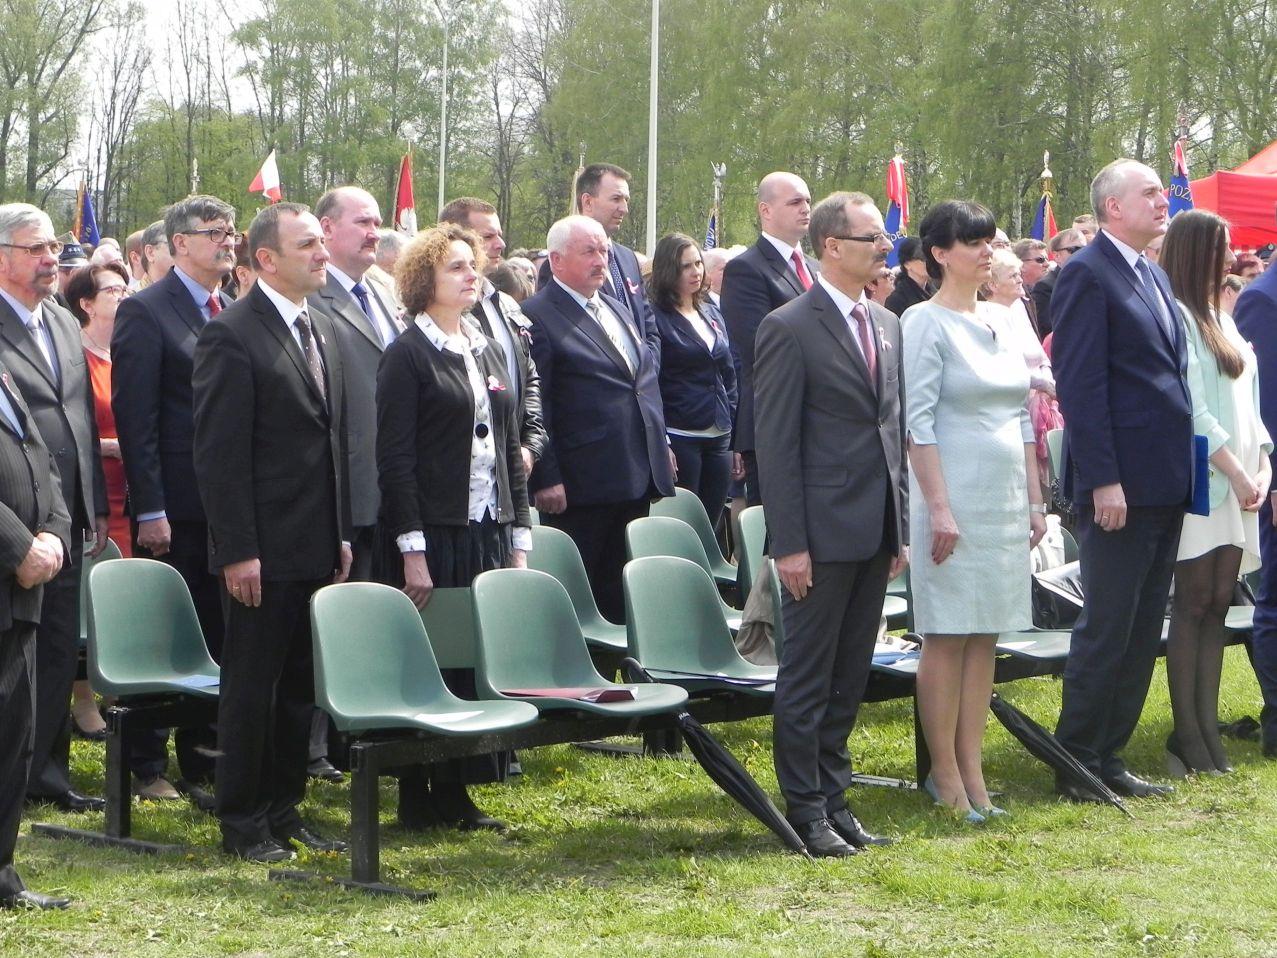 2016-05-03 Rawa Maz. - Radosne Święto (8)